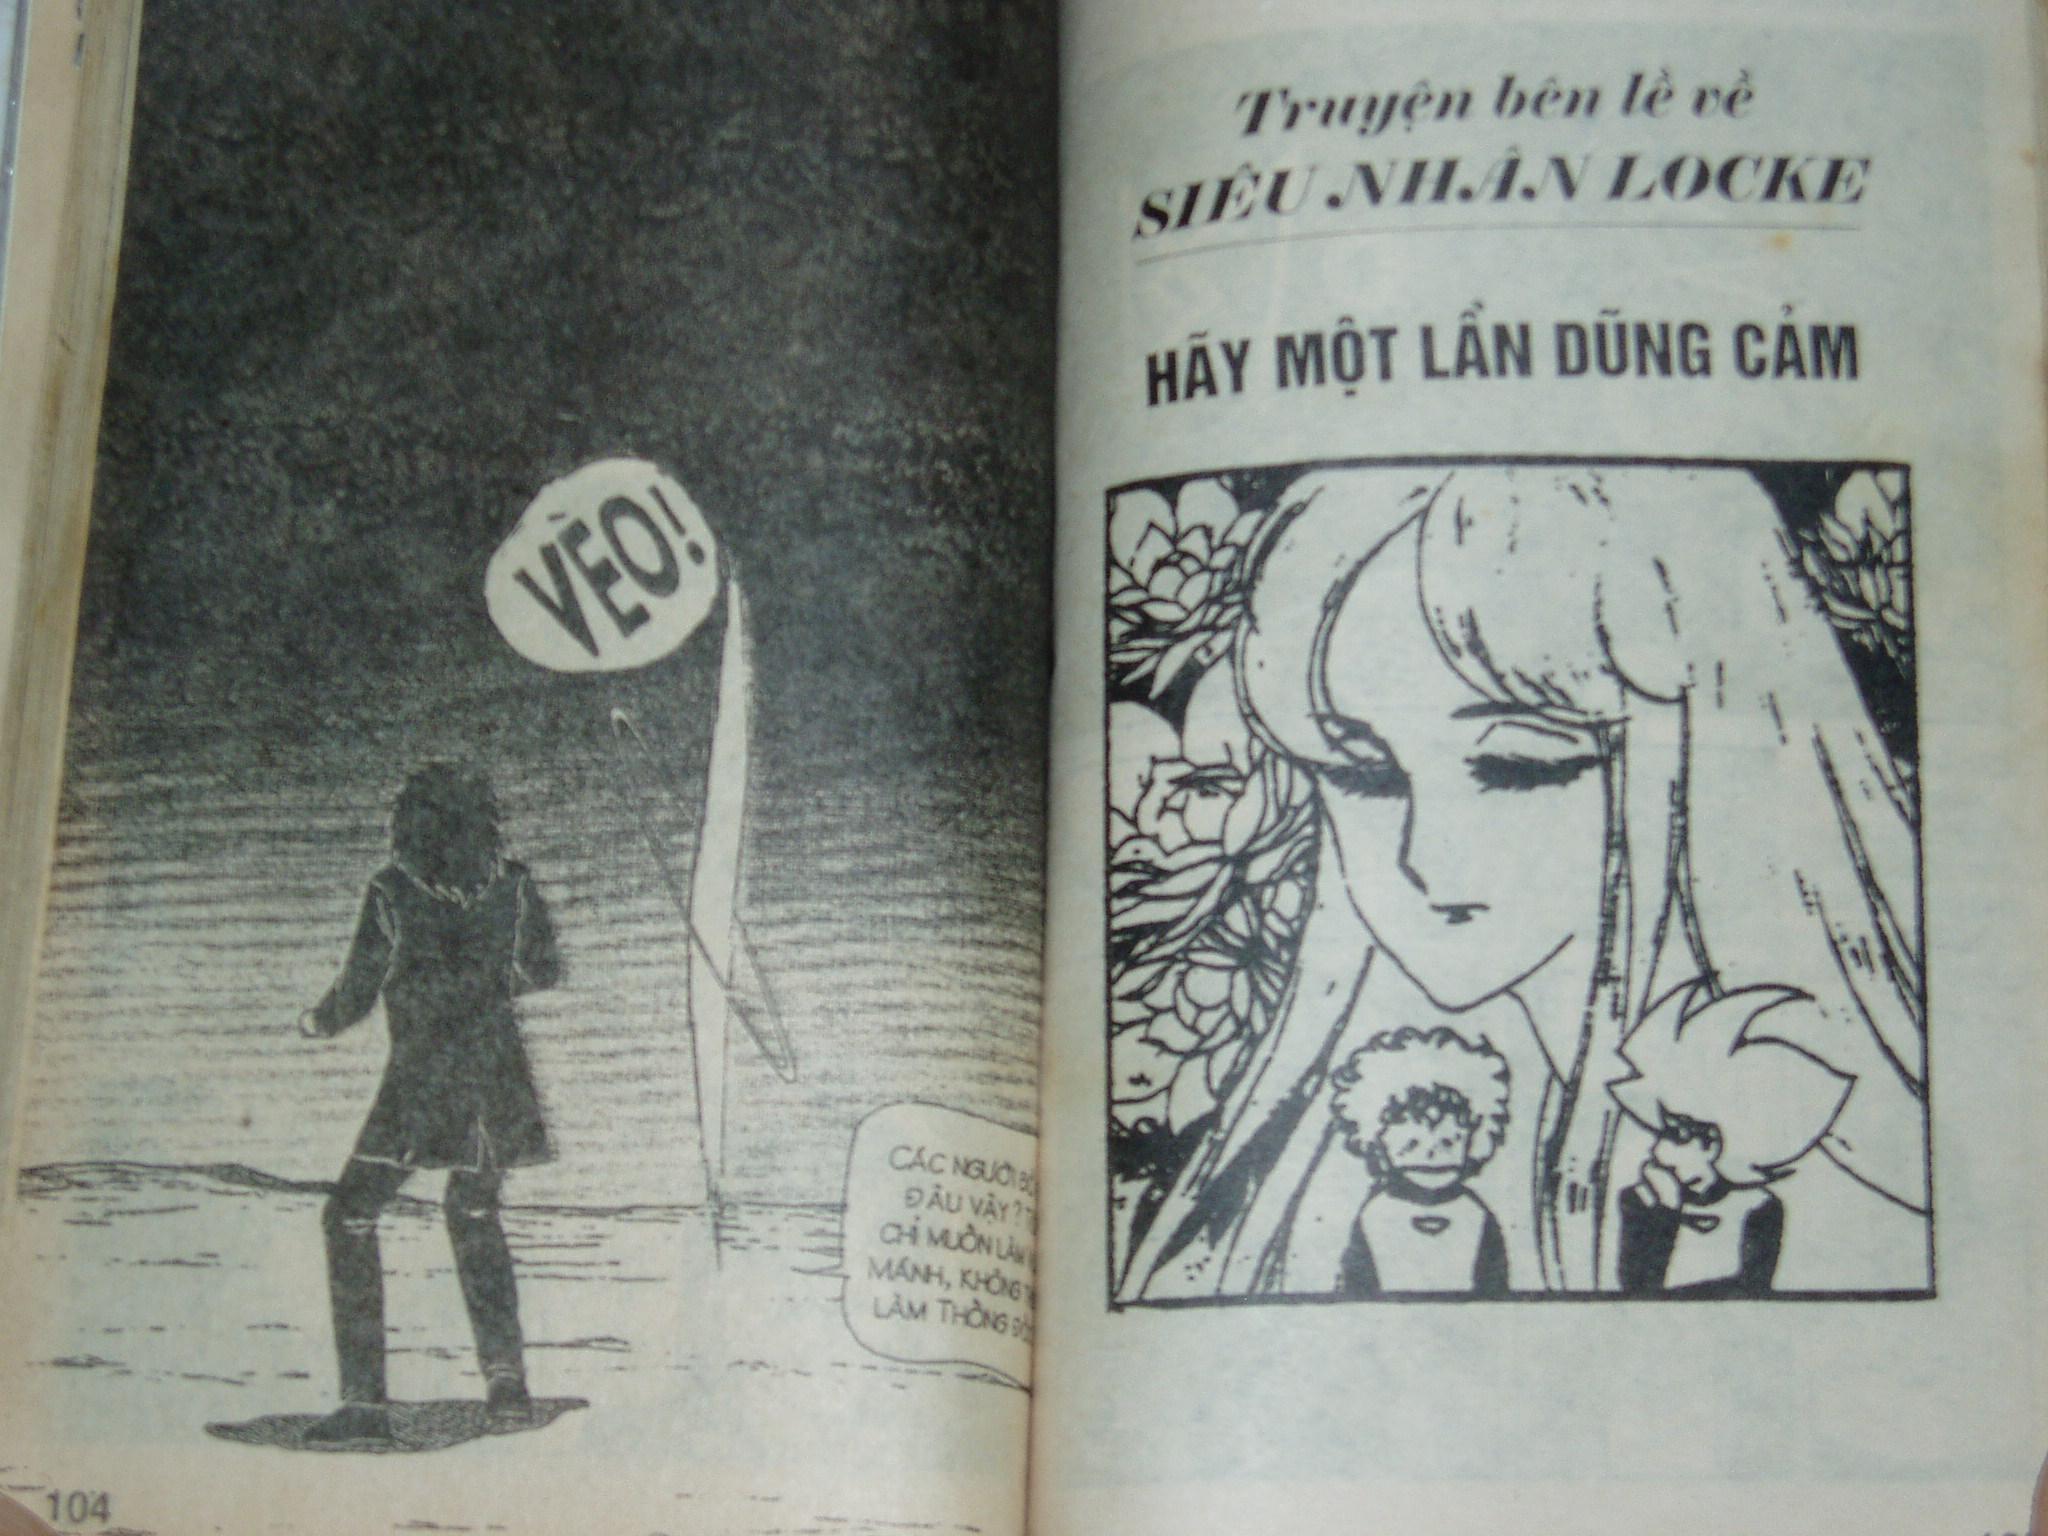 Siêu nhân Locke vol 18 trang 51